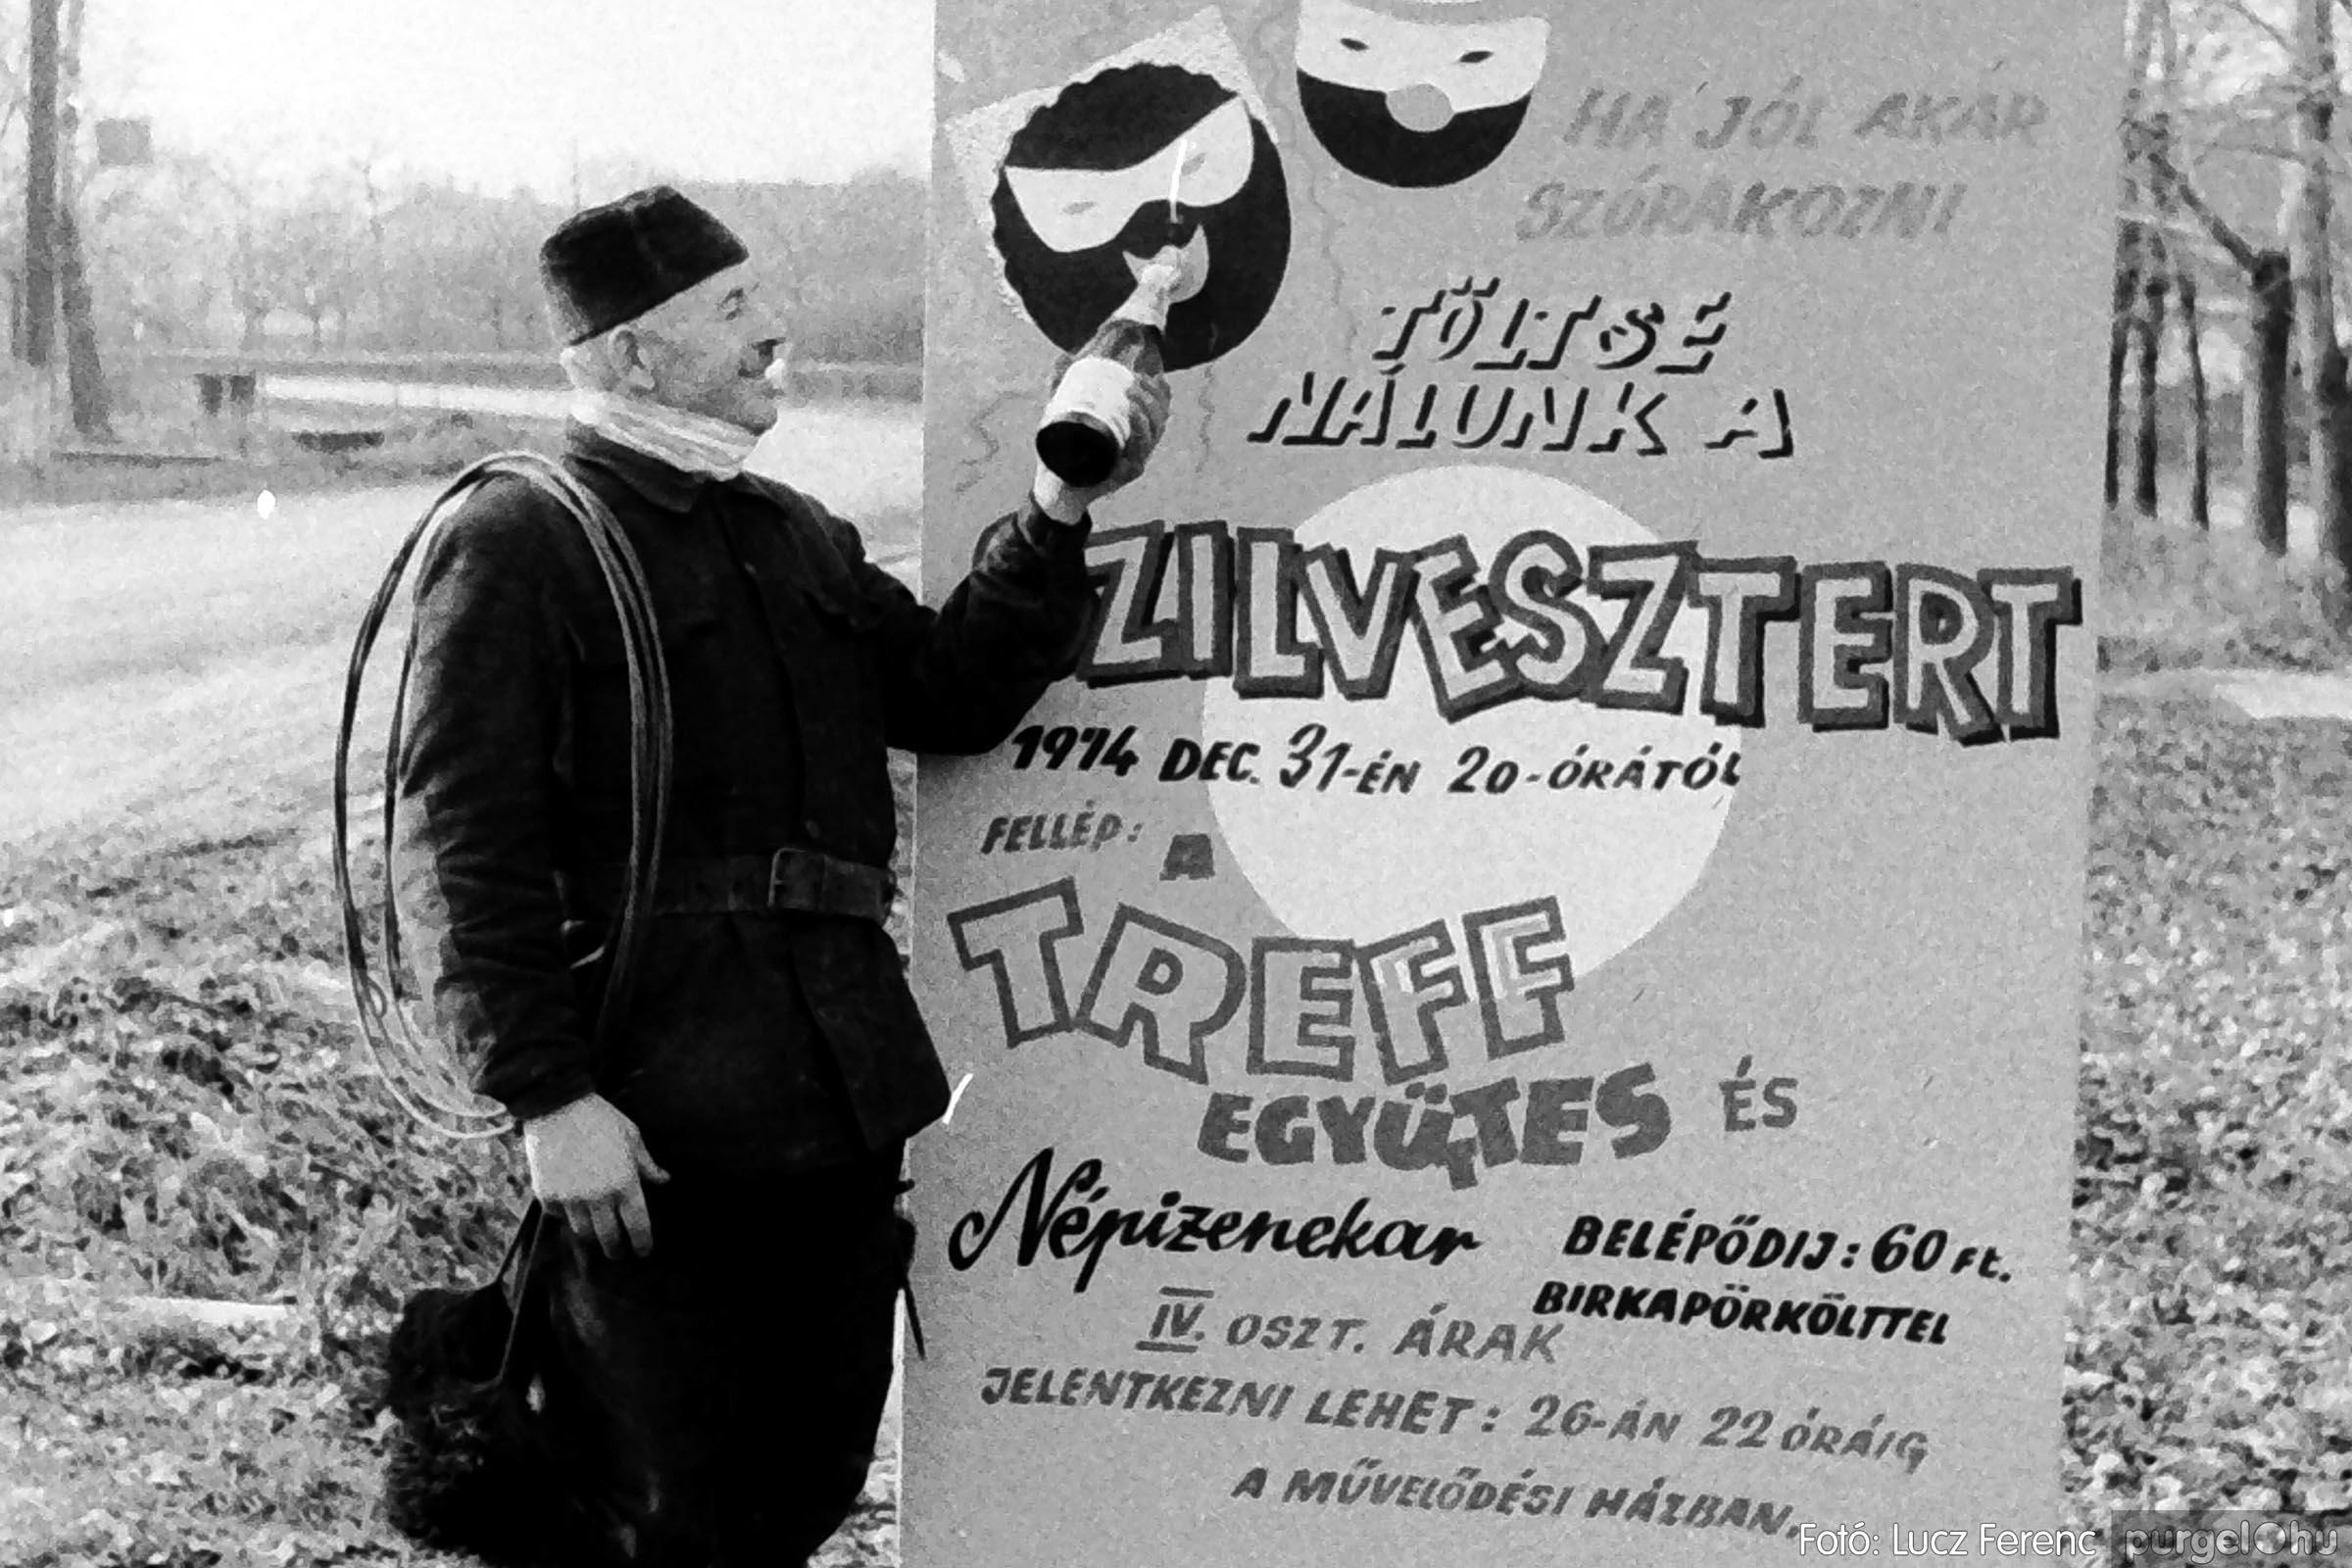 005 1974.12.31. Szilveszter 001 - Fotó: Lucz Ferenc - IMG00001q.jpg